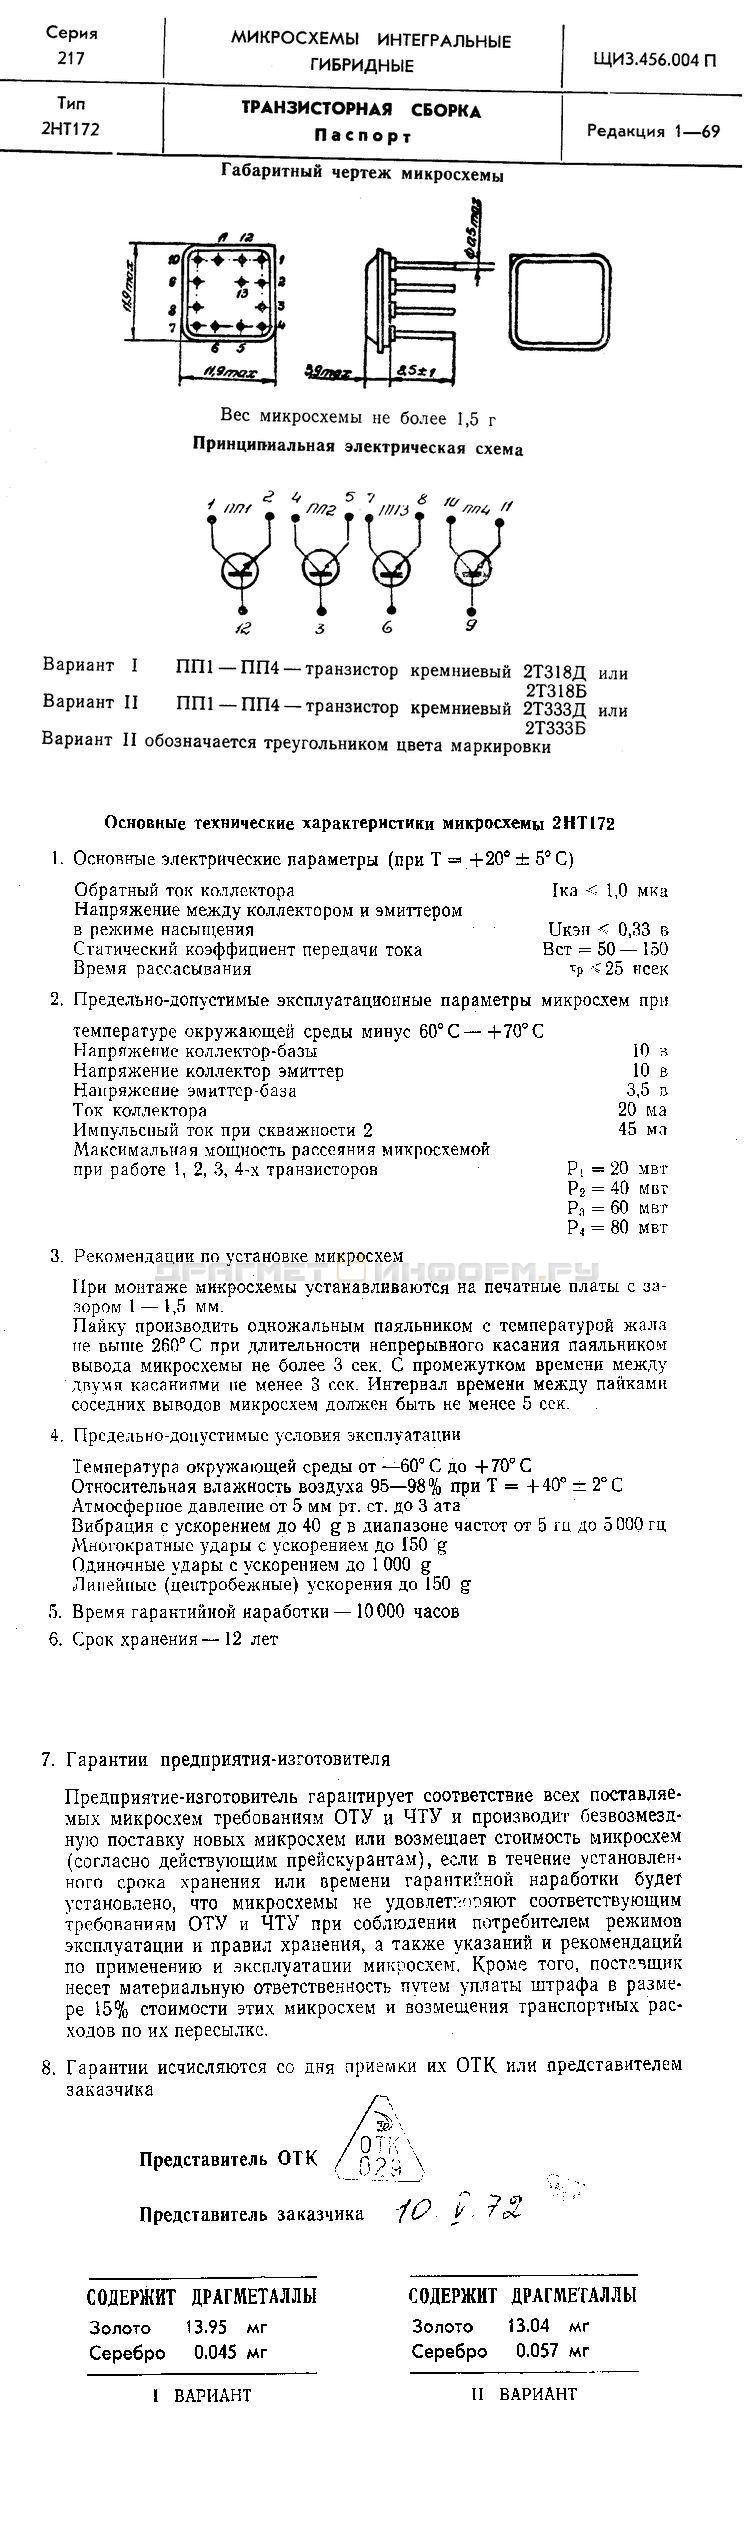 содержание драгметаллов в радиодеталях справочник микросхемах